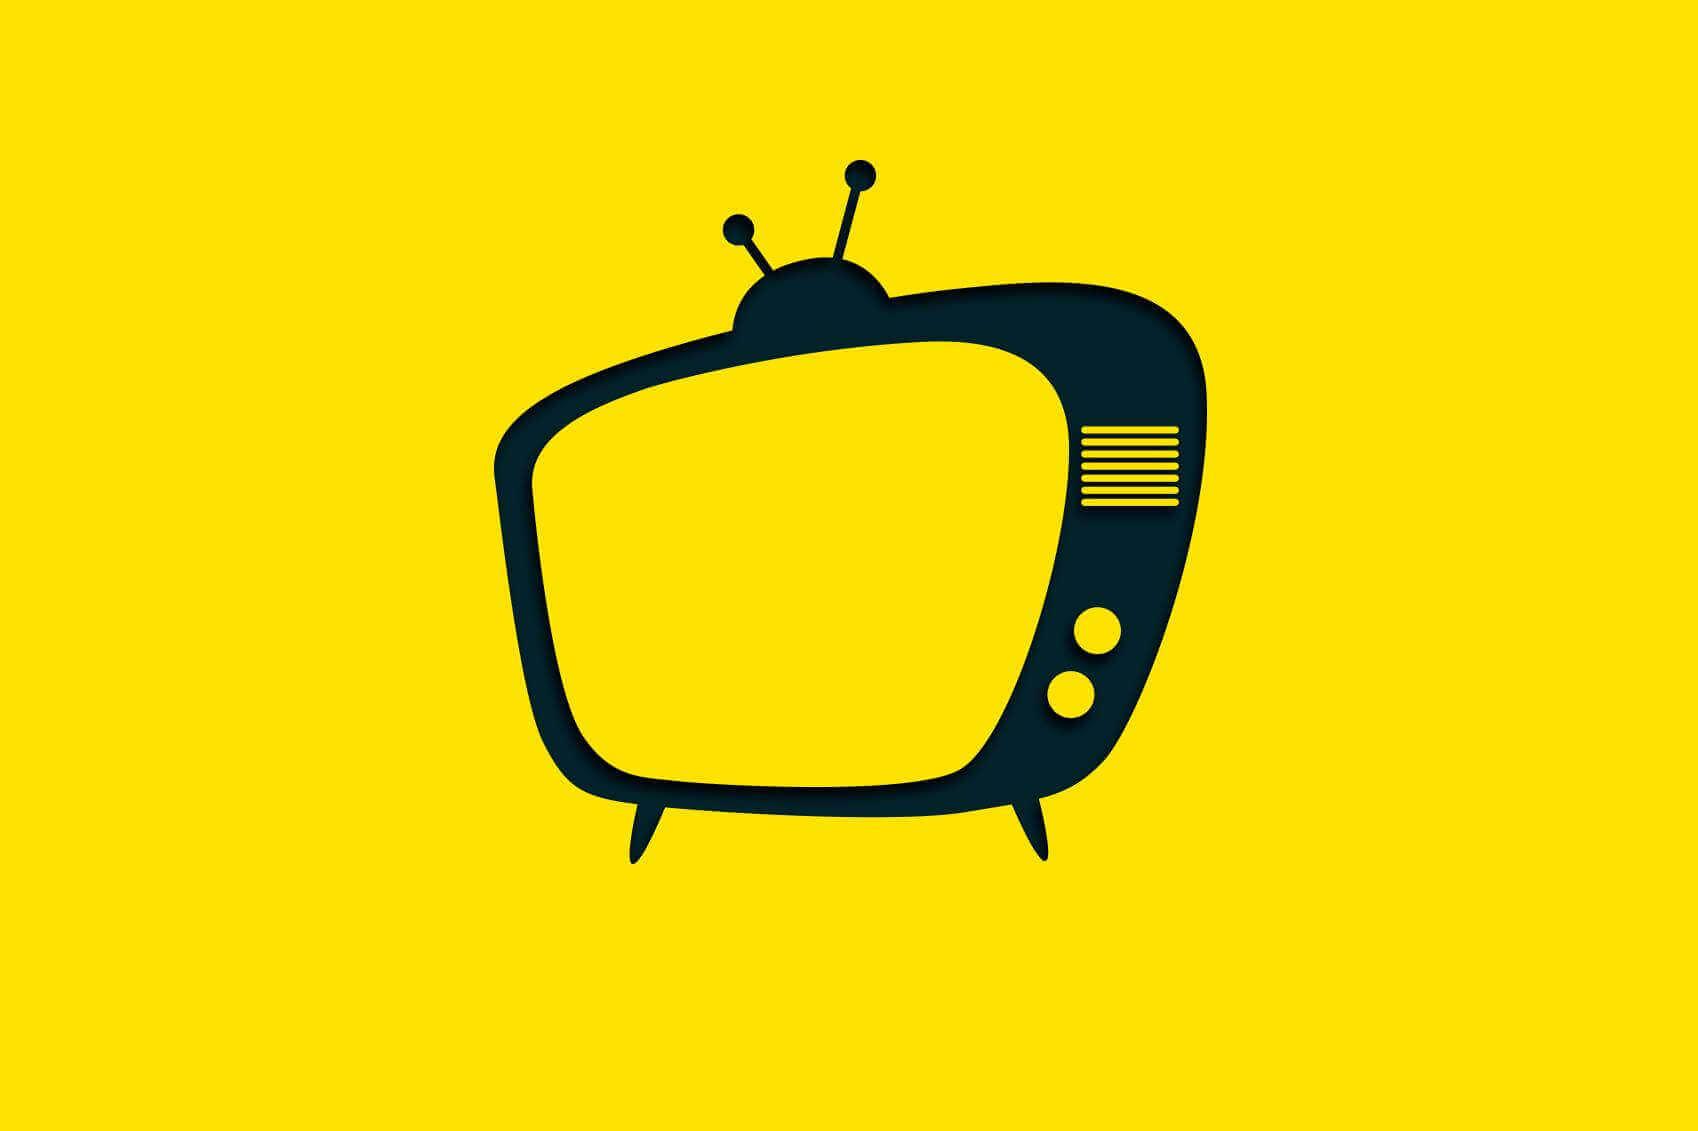 televizyon ve kültürel dönüşüm